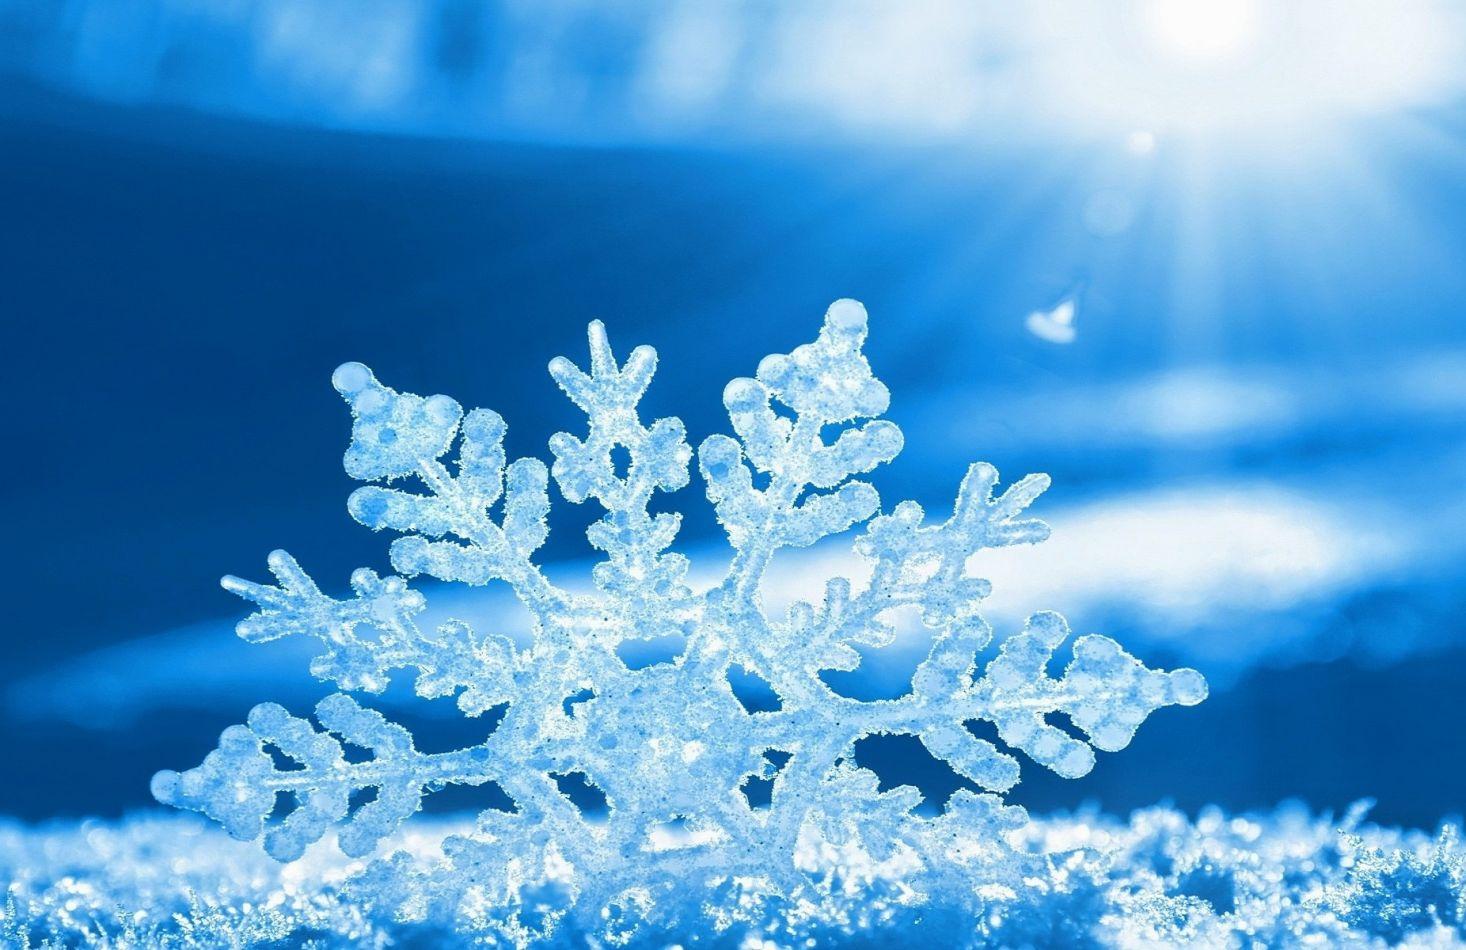 Nieve, suspensión y goce